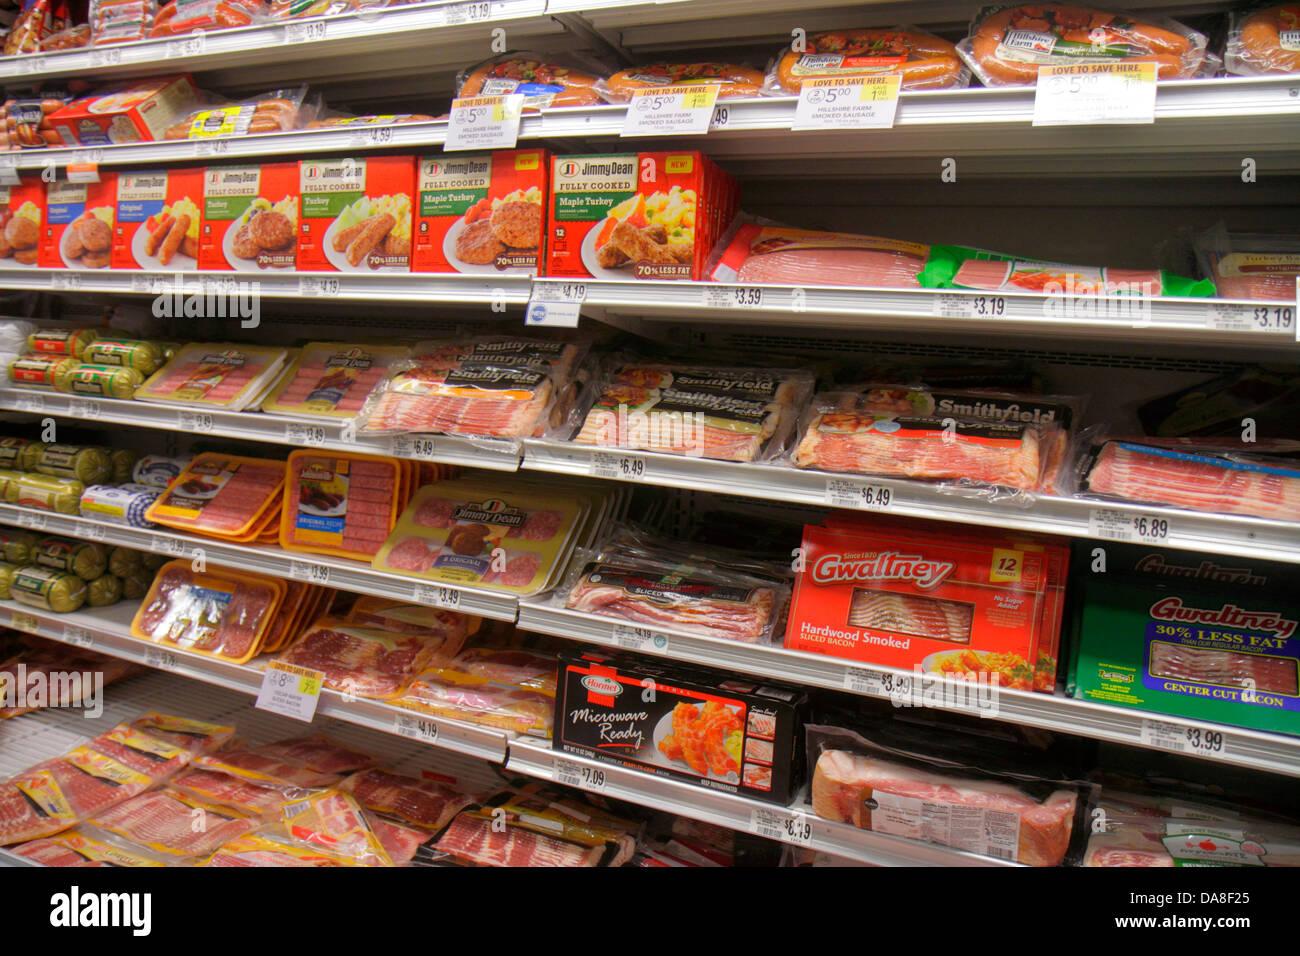 Florida Marco Island Publix Supermarkt Supermarkt Verkauf shopping Regale Speck Würstchen Stockbild